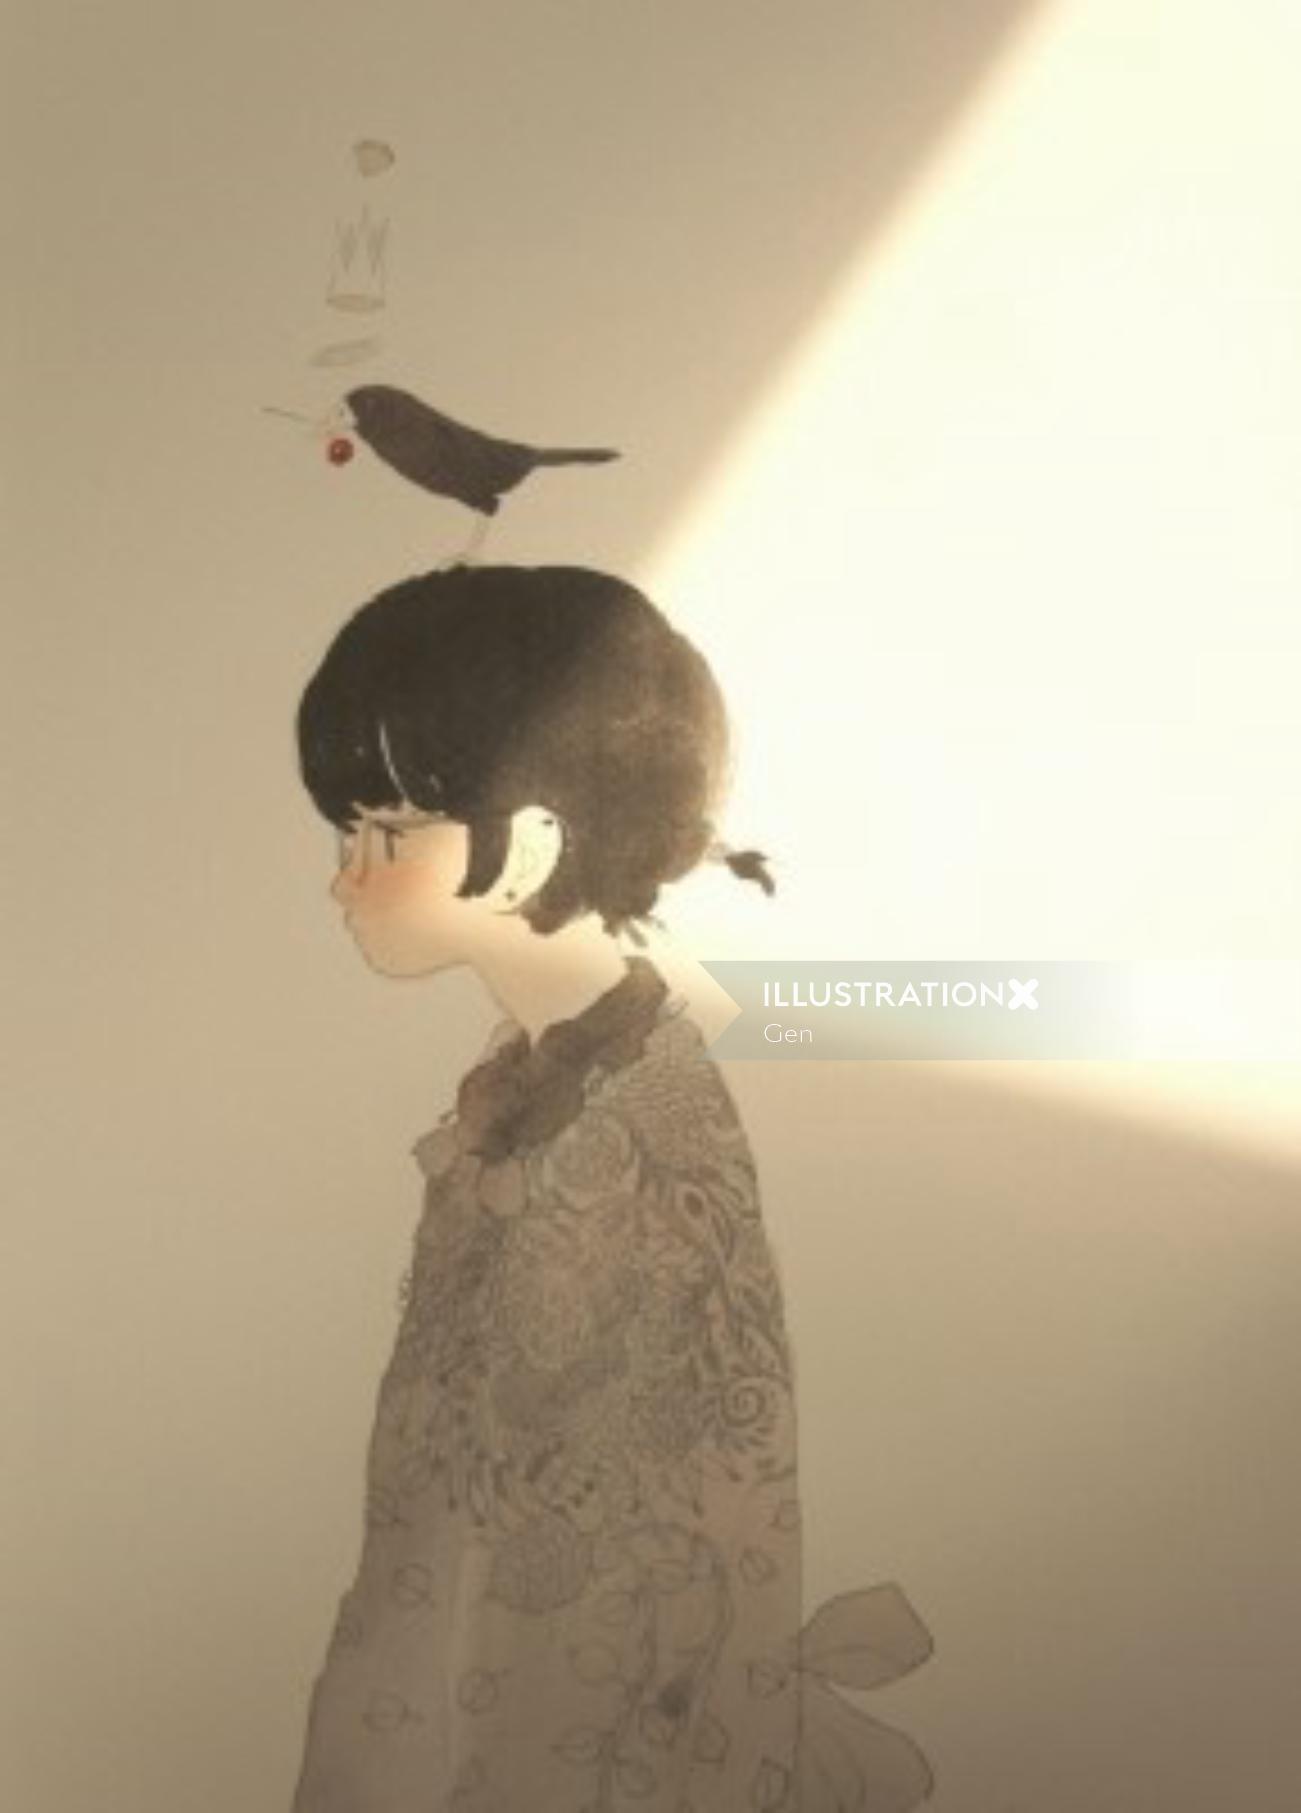 Girl with bird on head